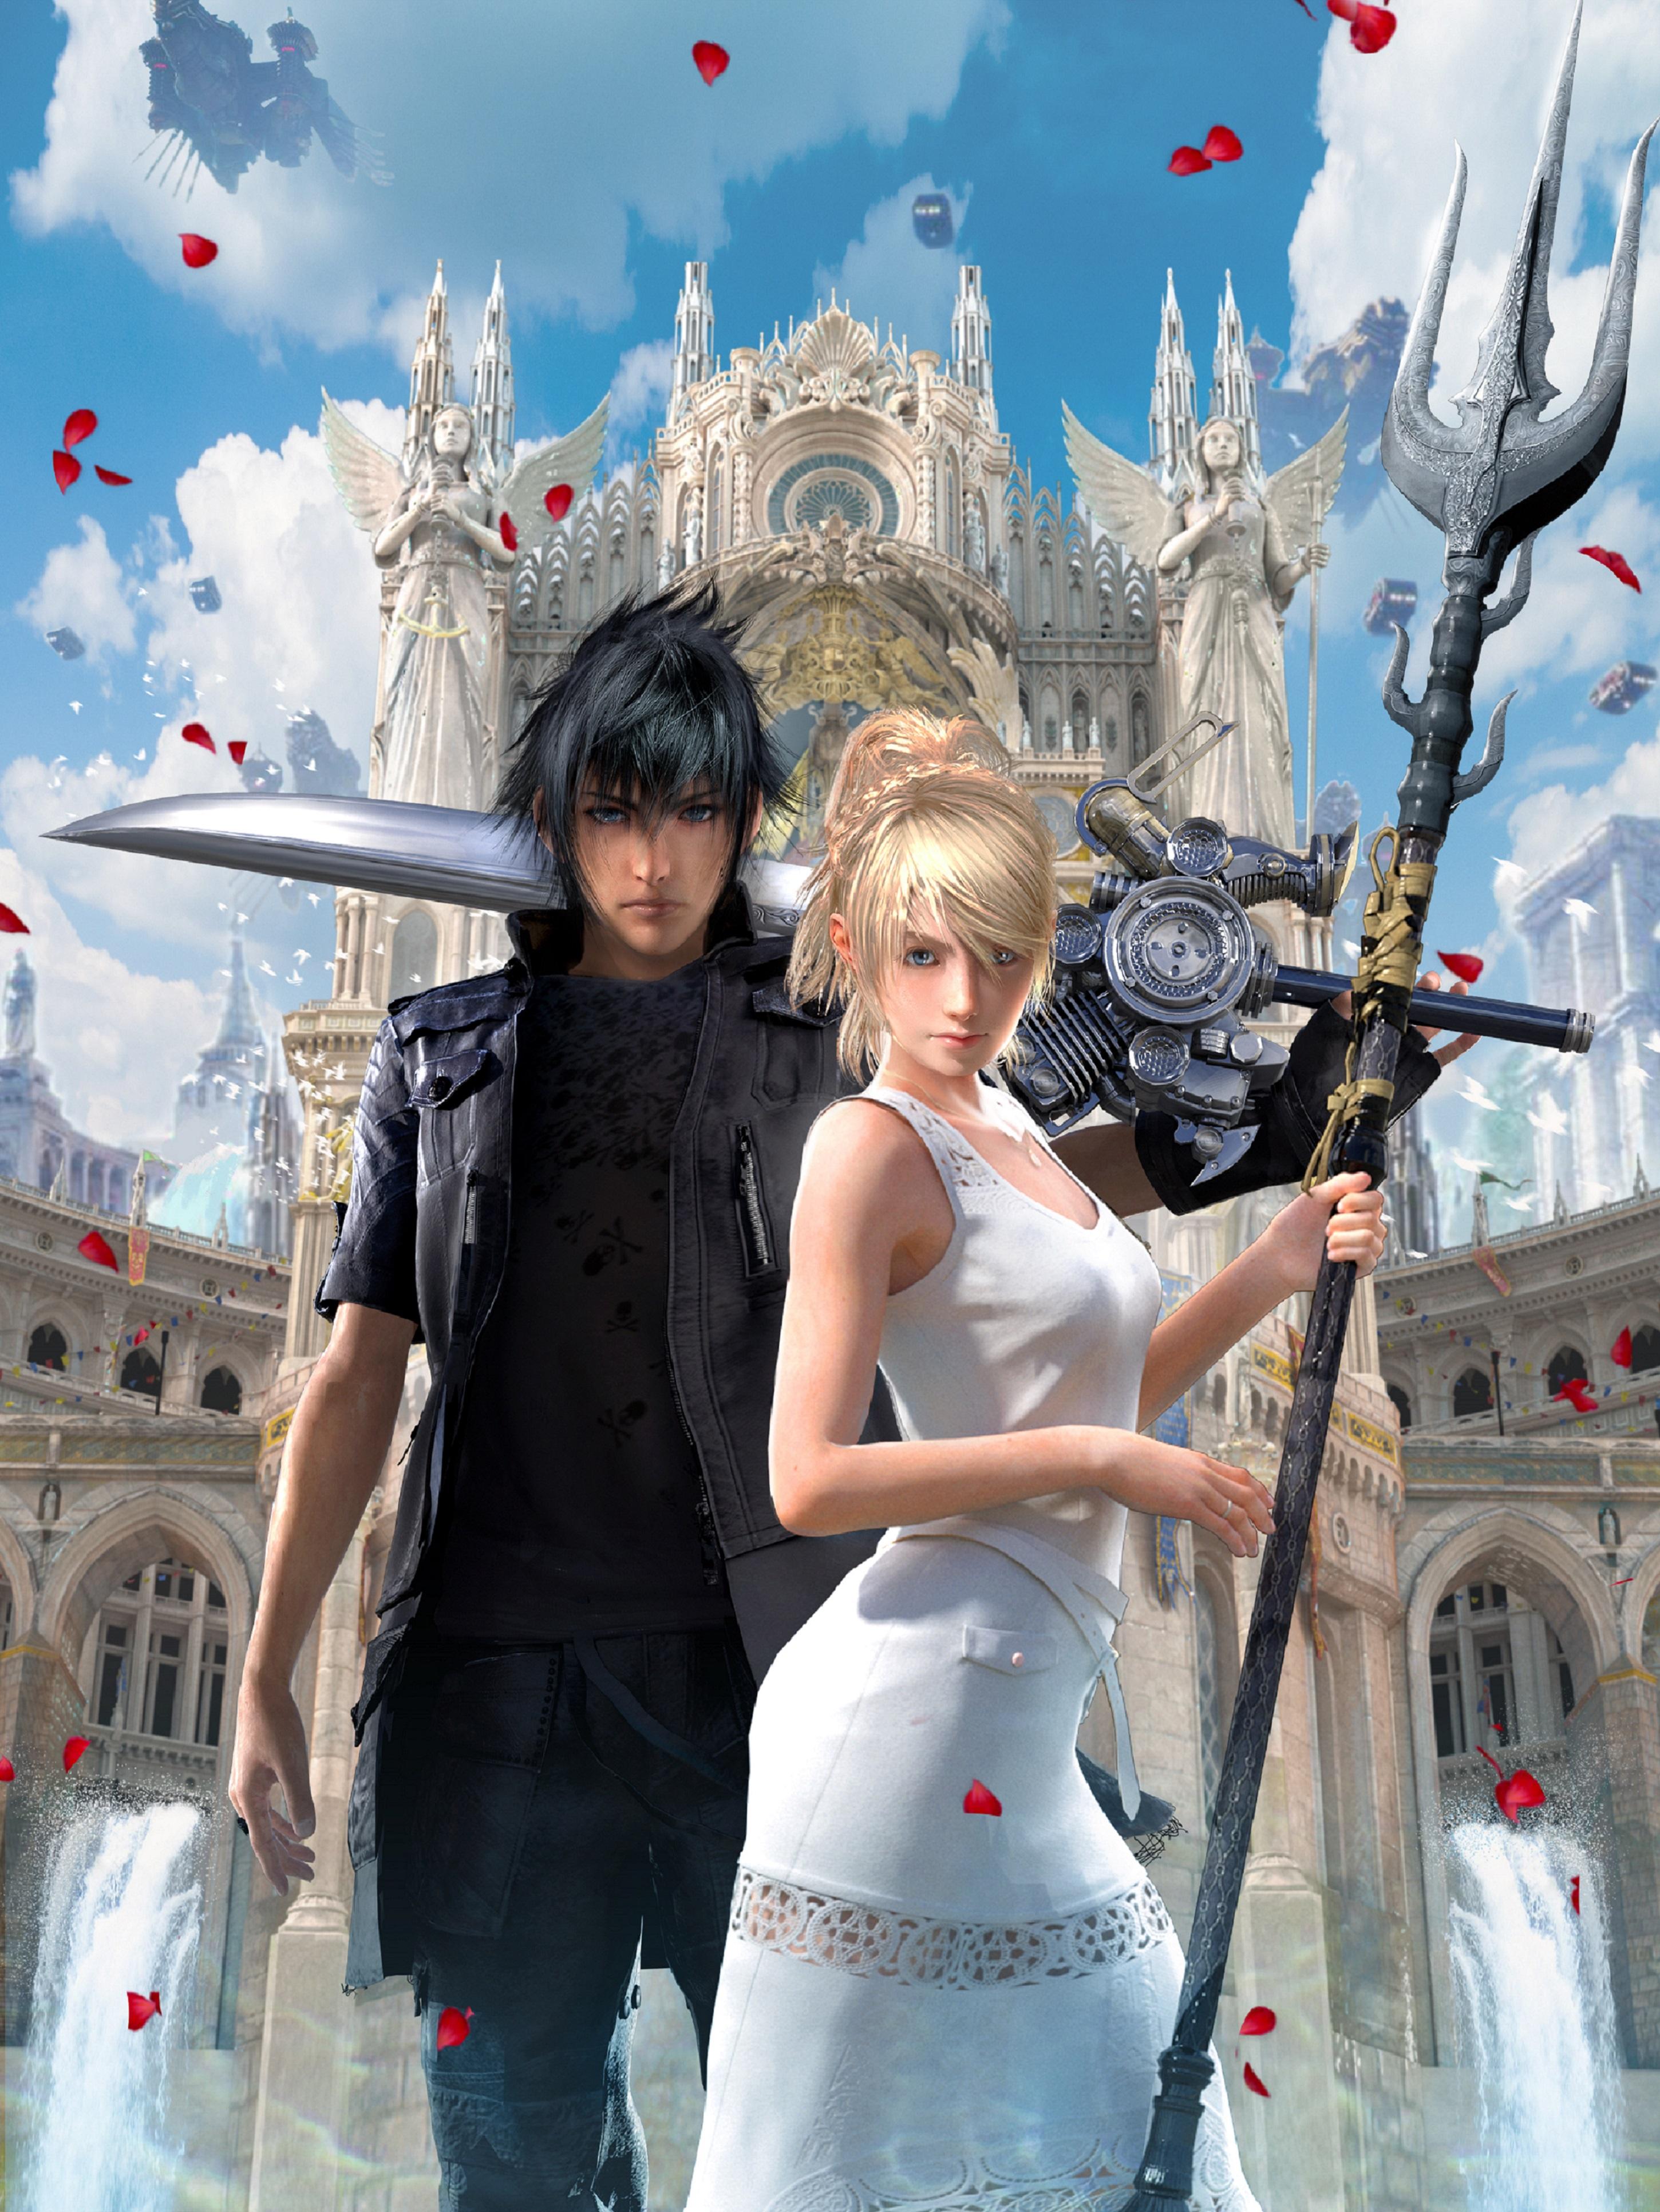 『ファイナルファンタジーXV:新たなる王国』本日6/29よりグローバル配信開始!